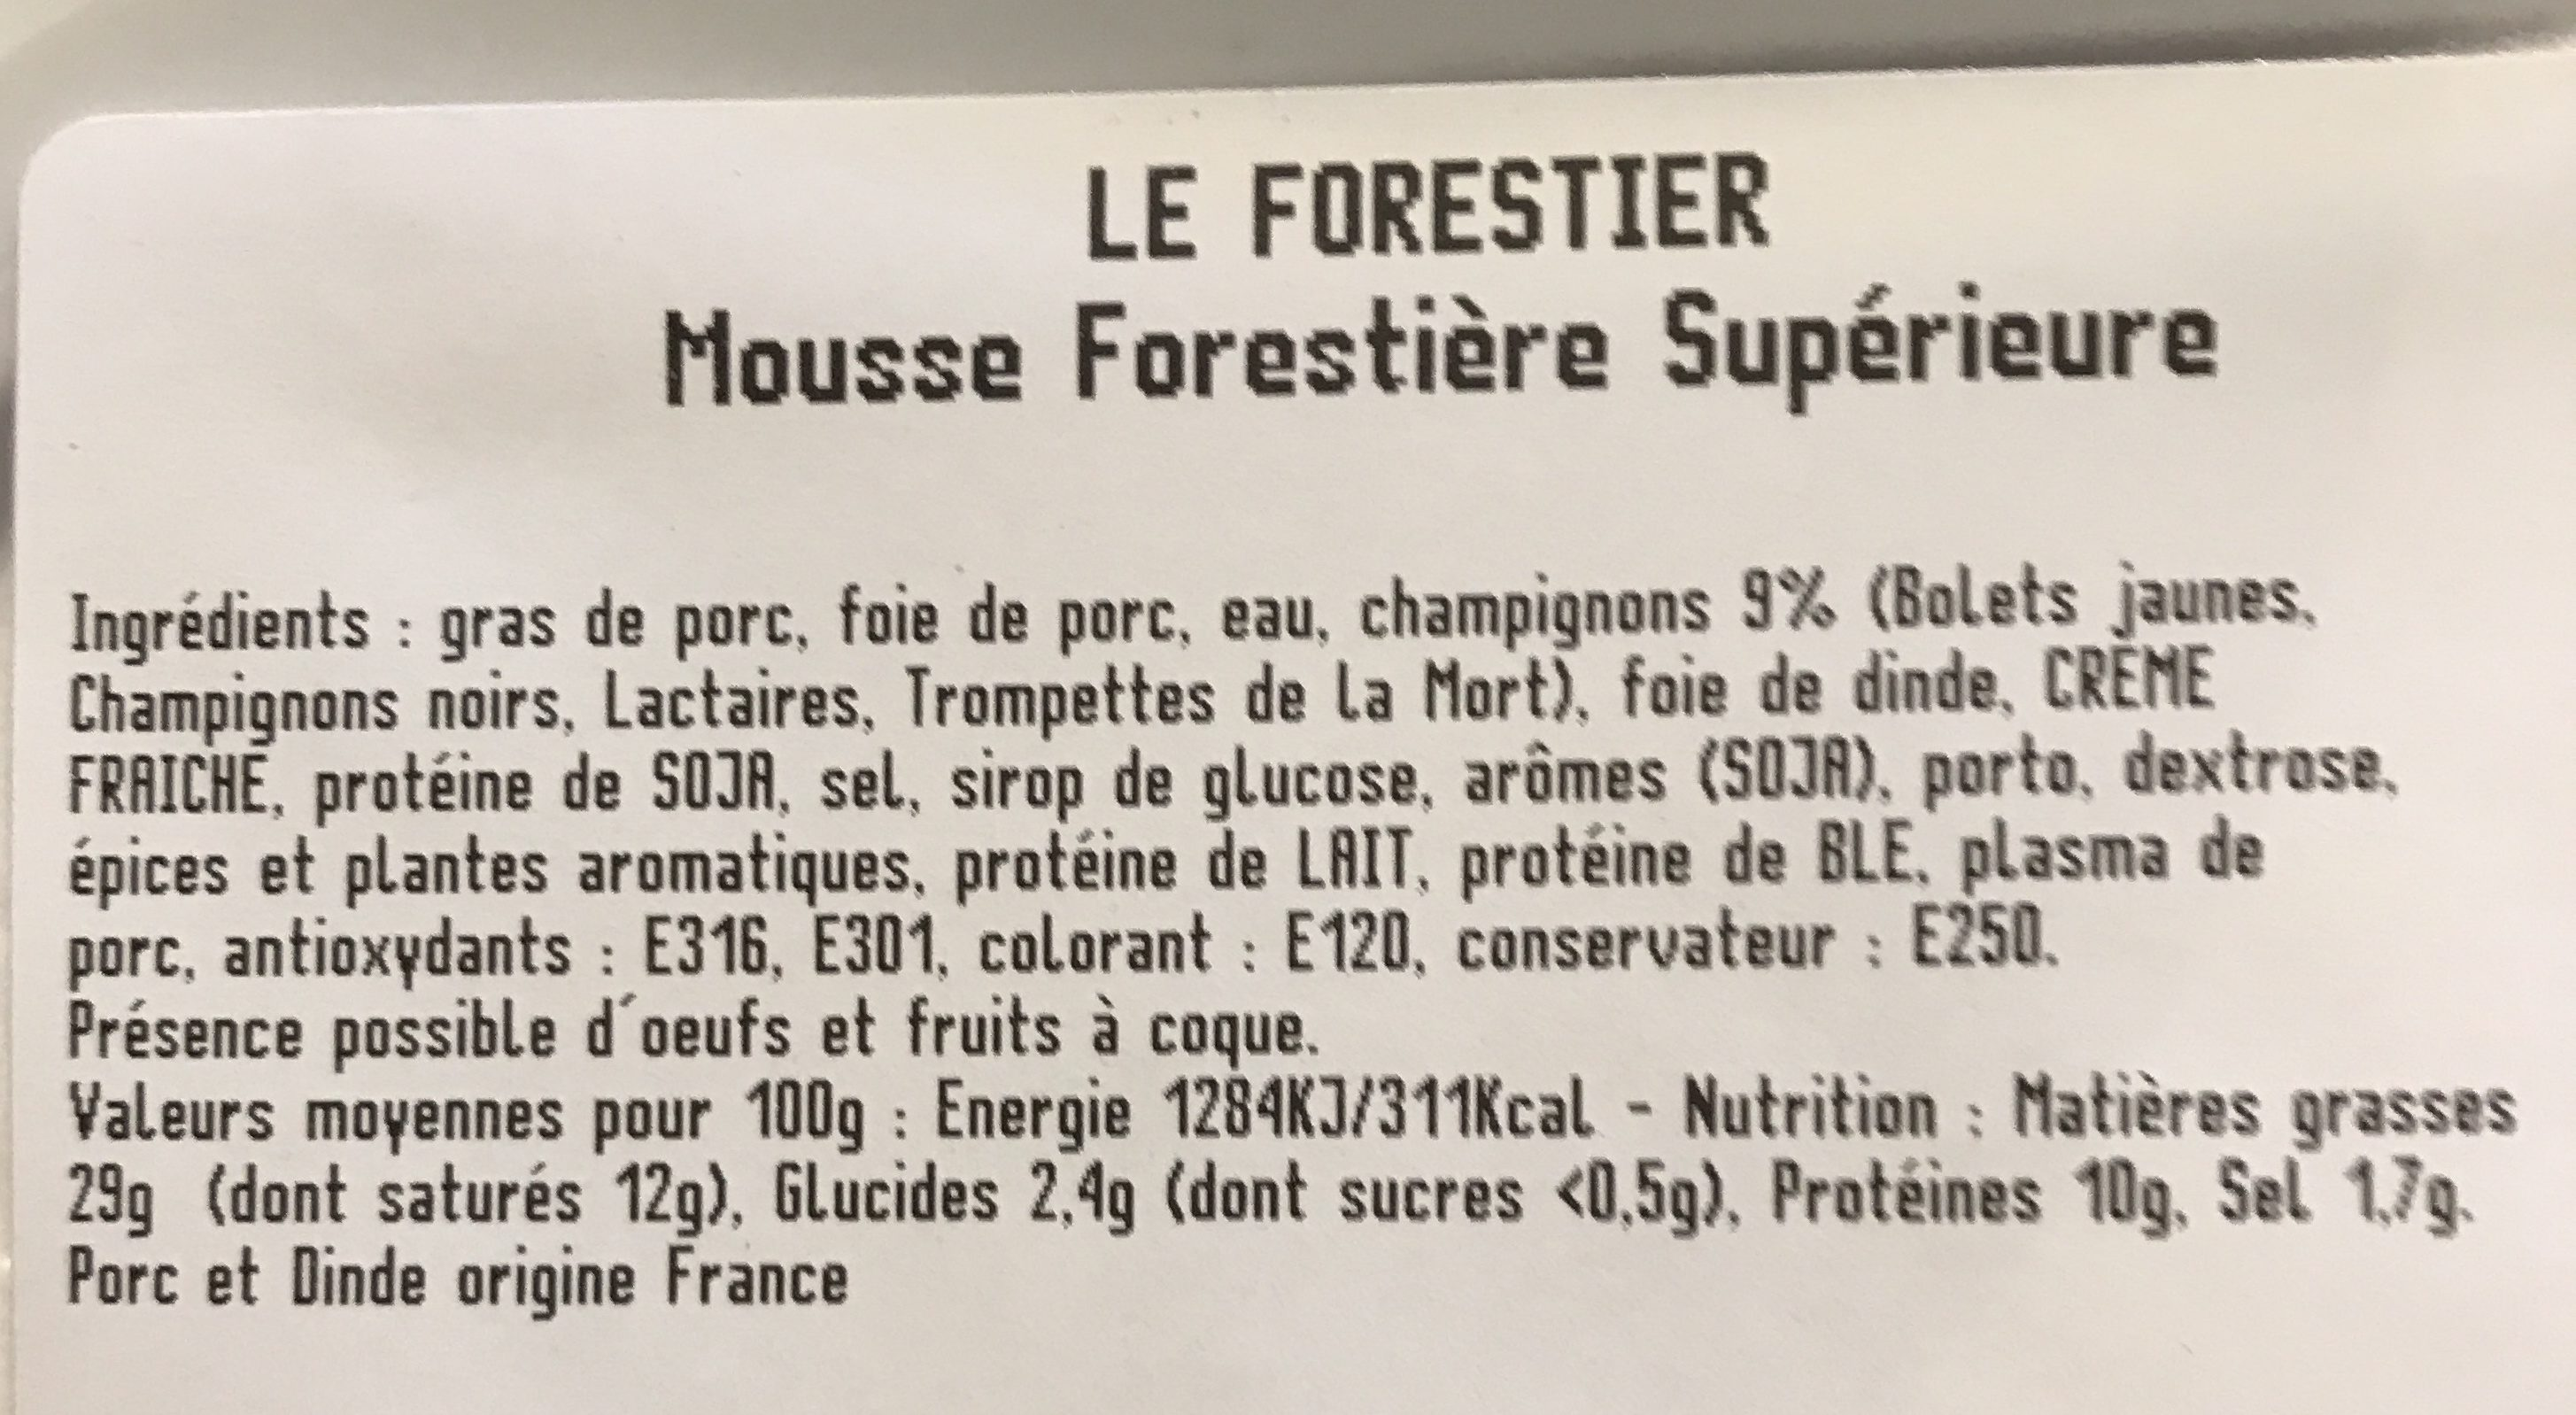 Mousse forestière supérieure - Ingredients